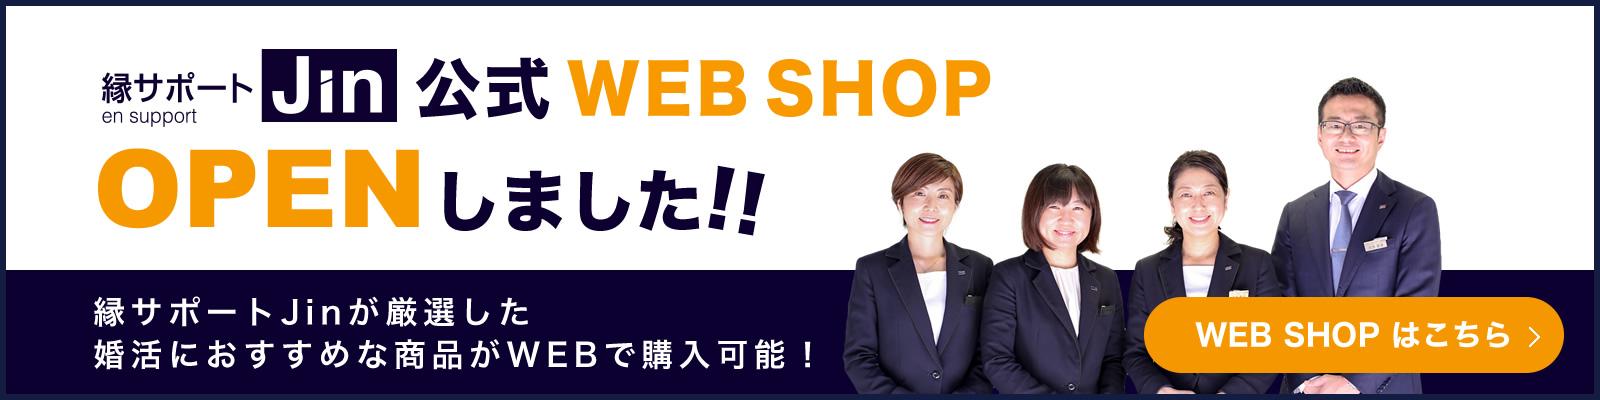 公式WEB SHOP OPENしました!